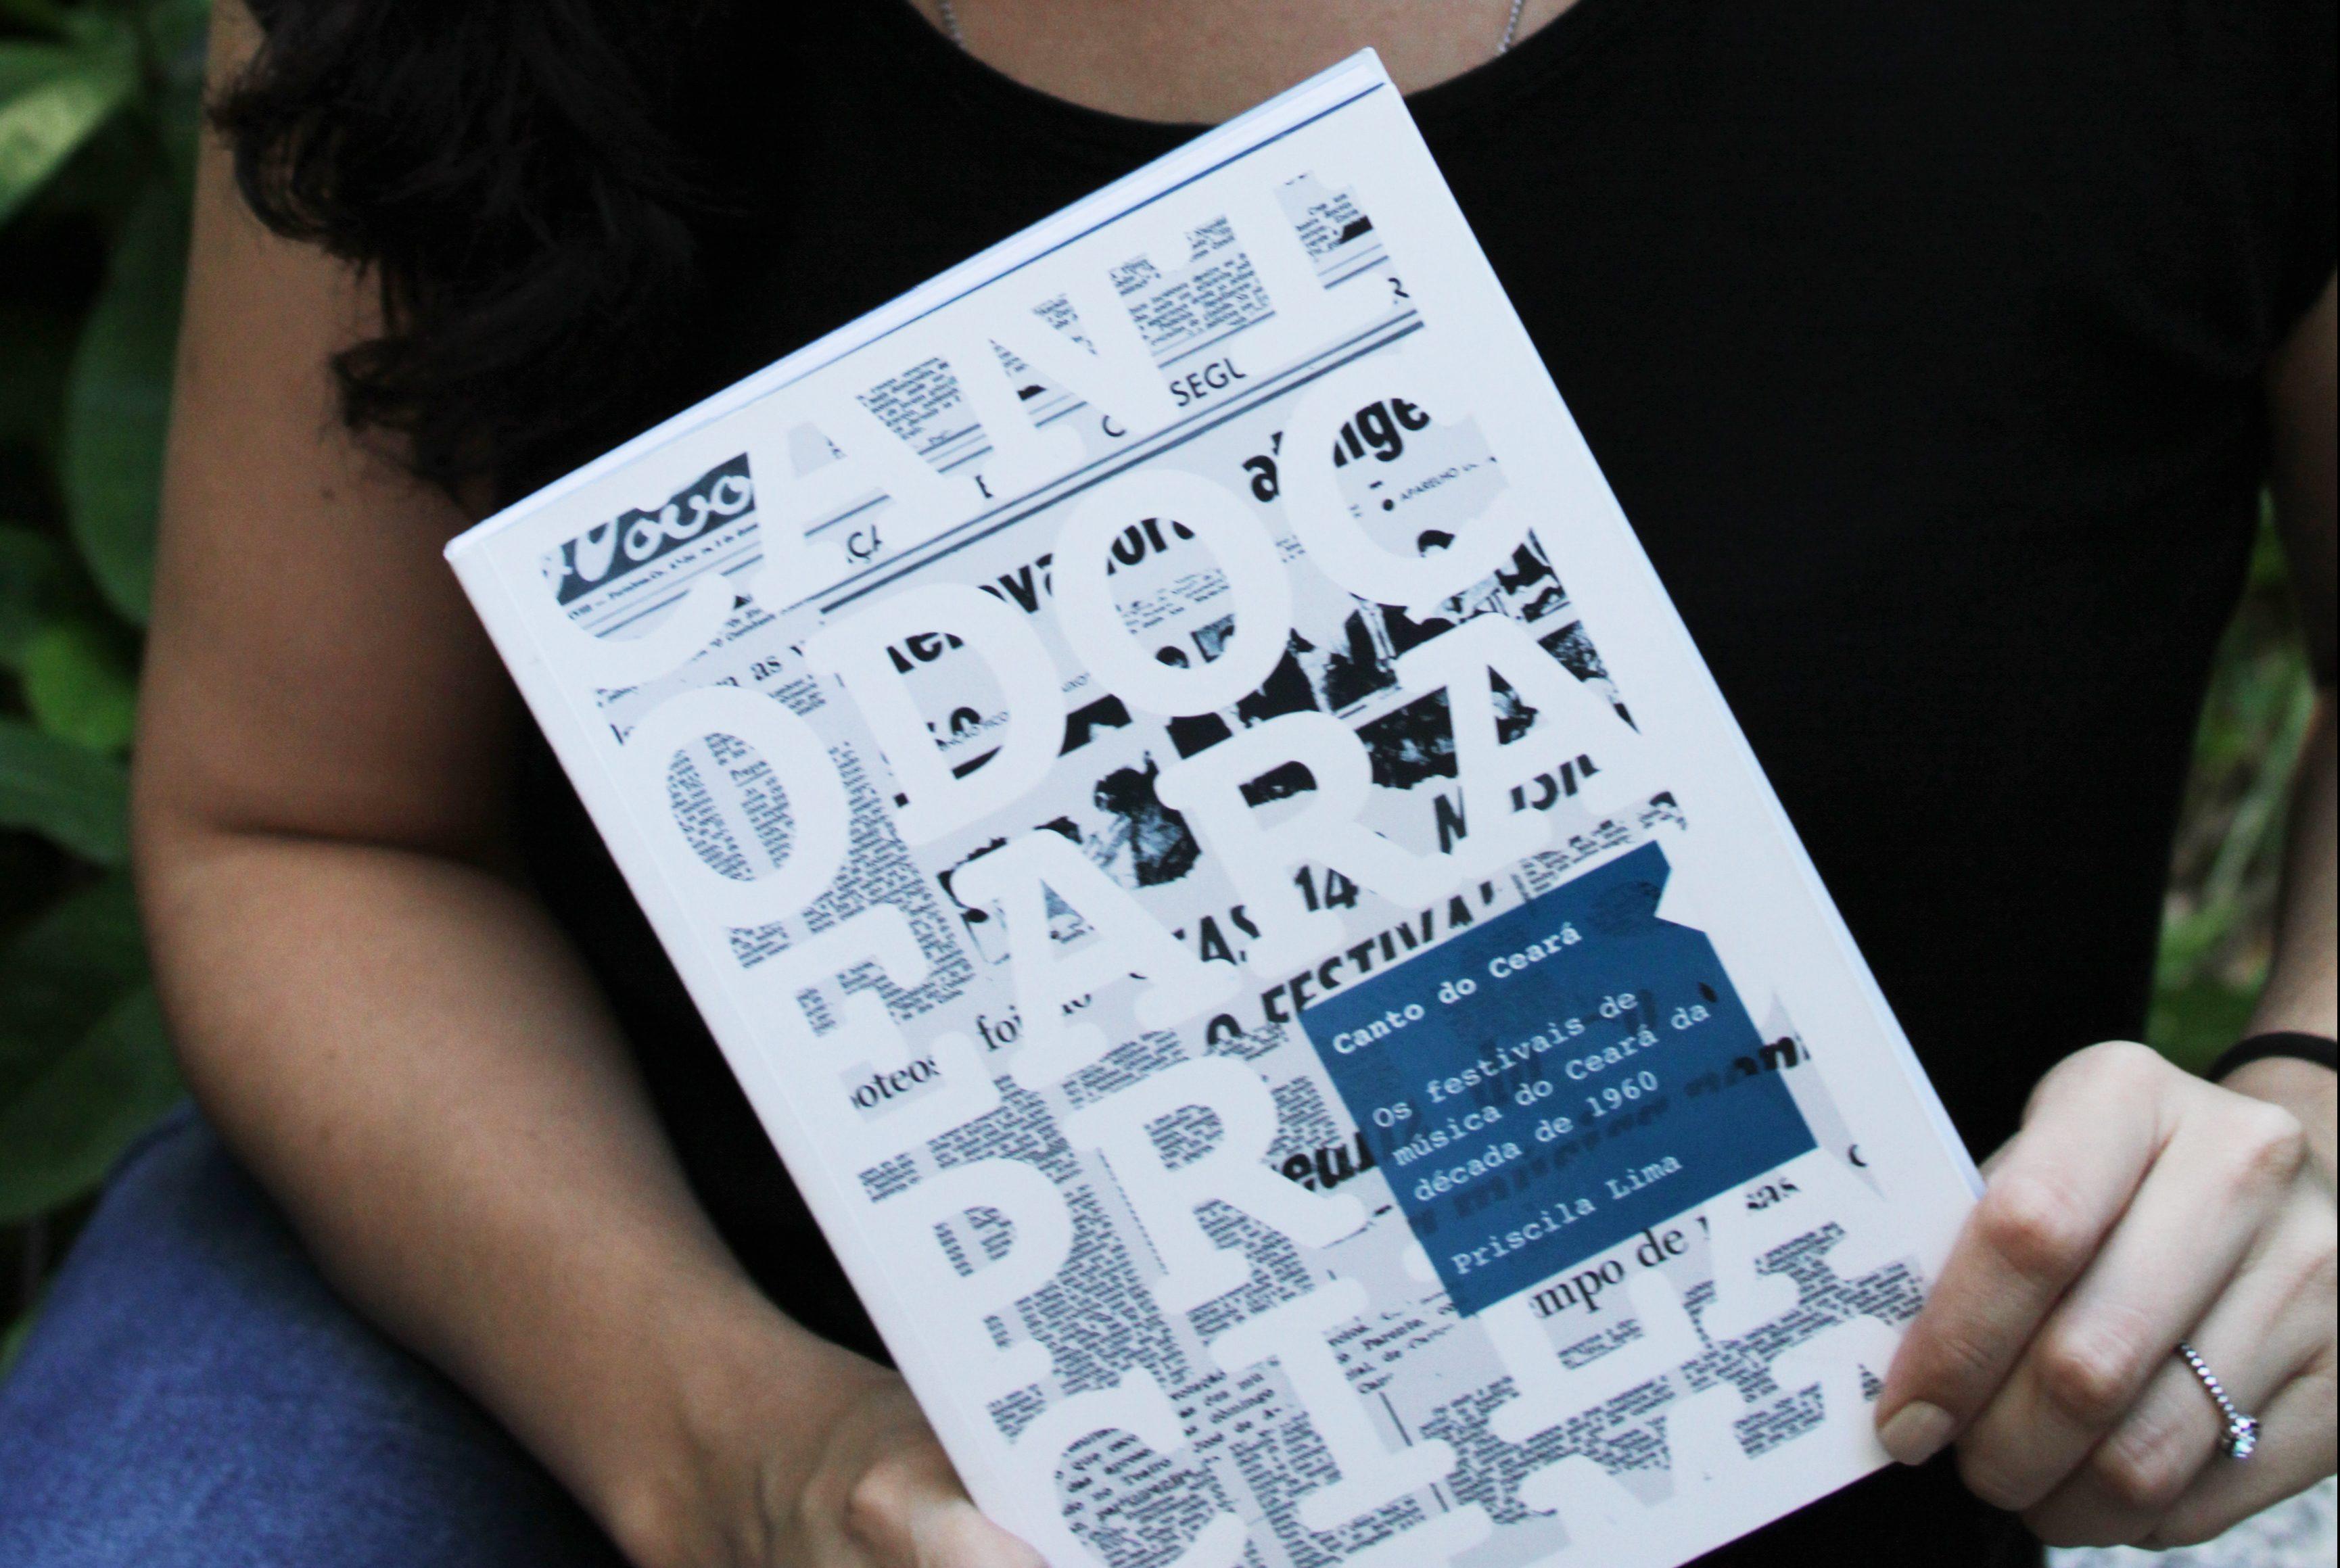 Festivais de música no Ceará da década de 60 são tema de livro